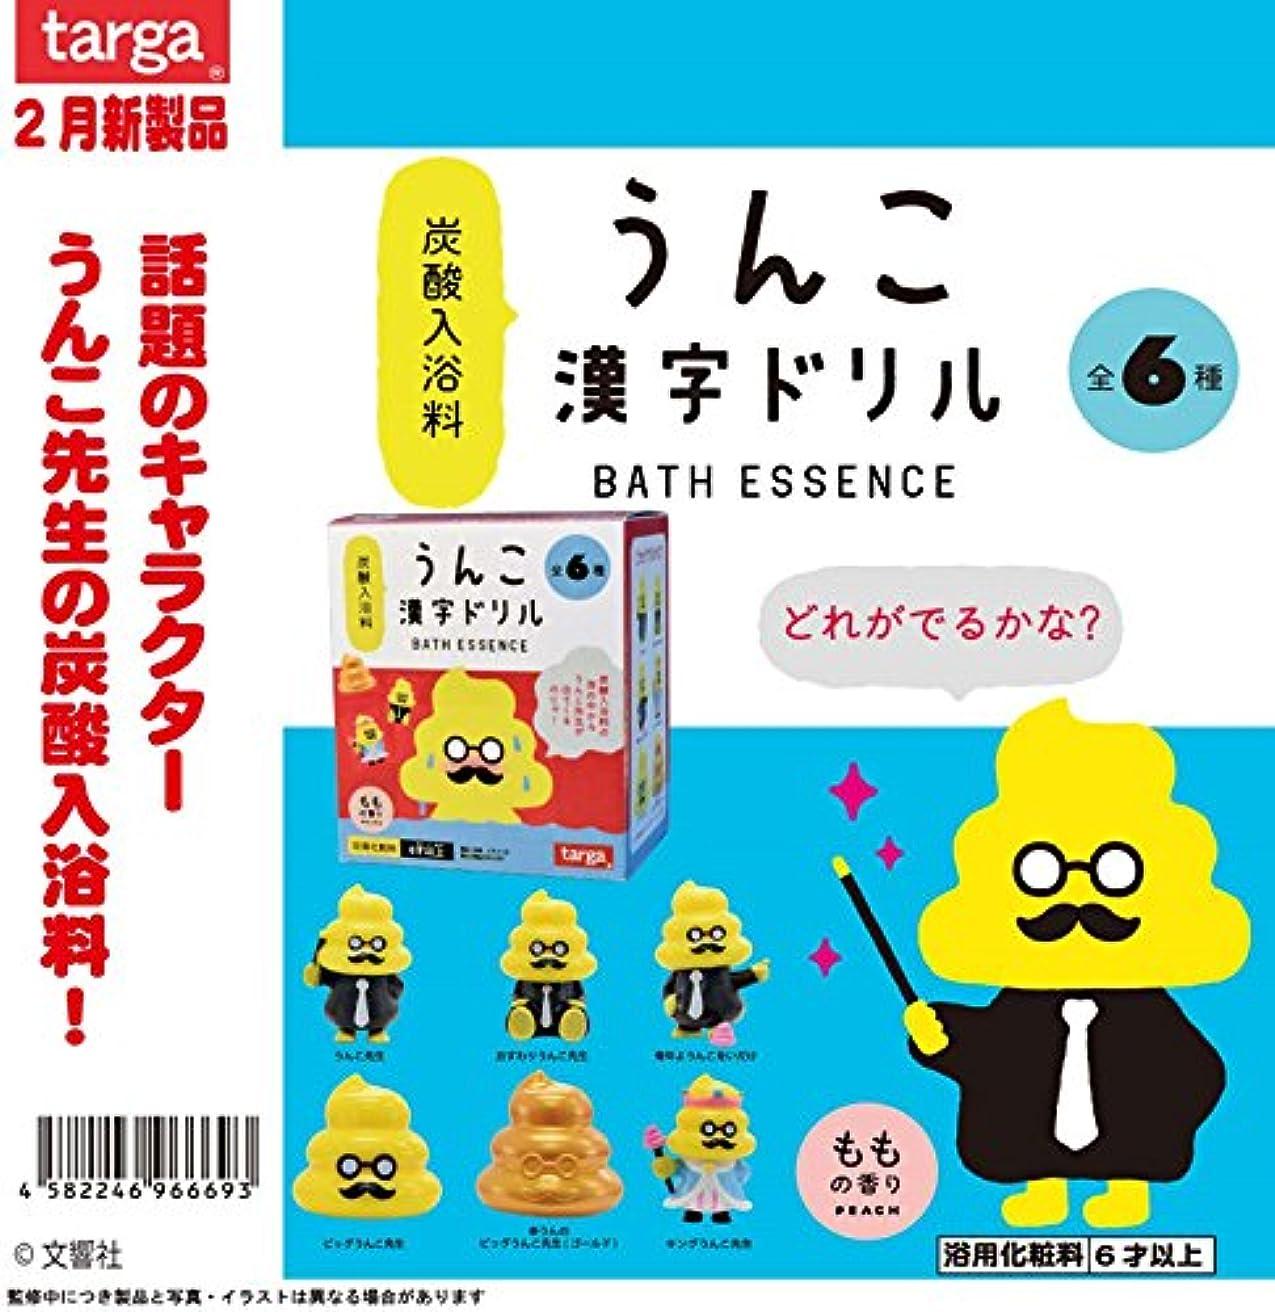 ビュッフェ床驚くべきうんこ漢字ドリル 炭酸入浴料 マスコットが飛び出るバスボールBOX(12入)